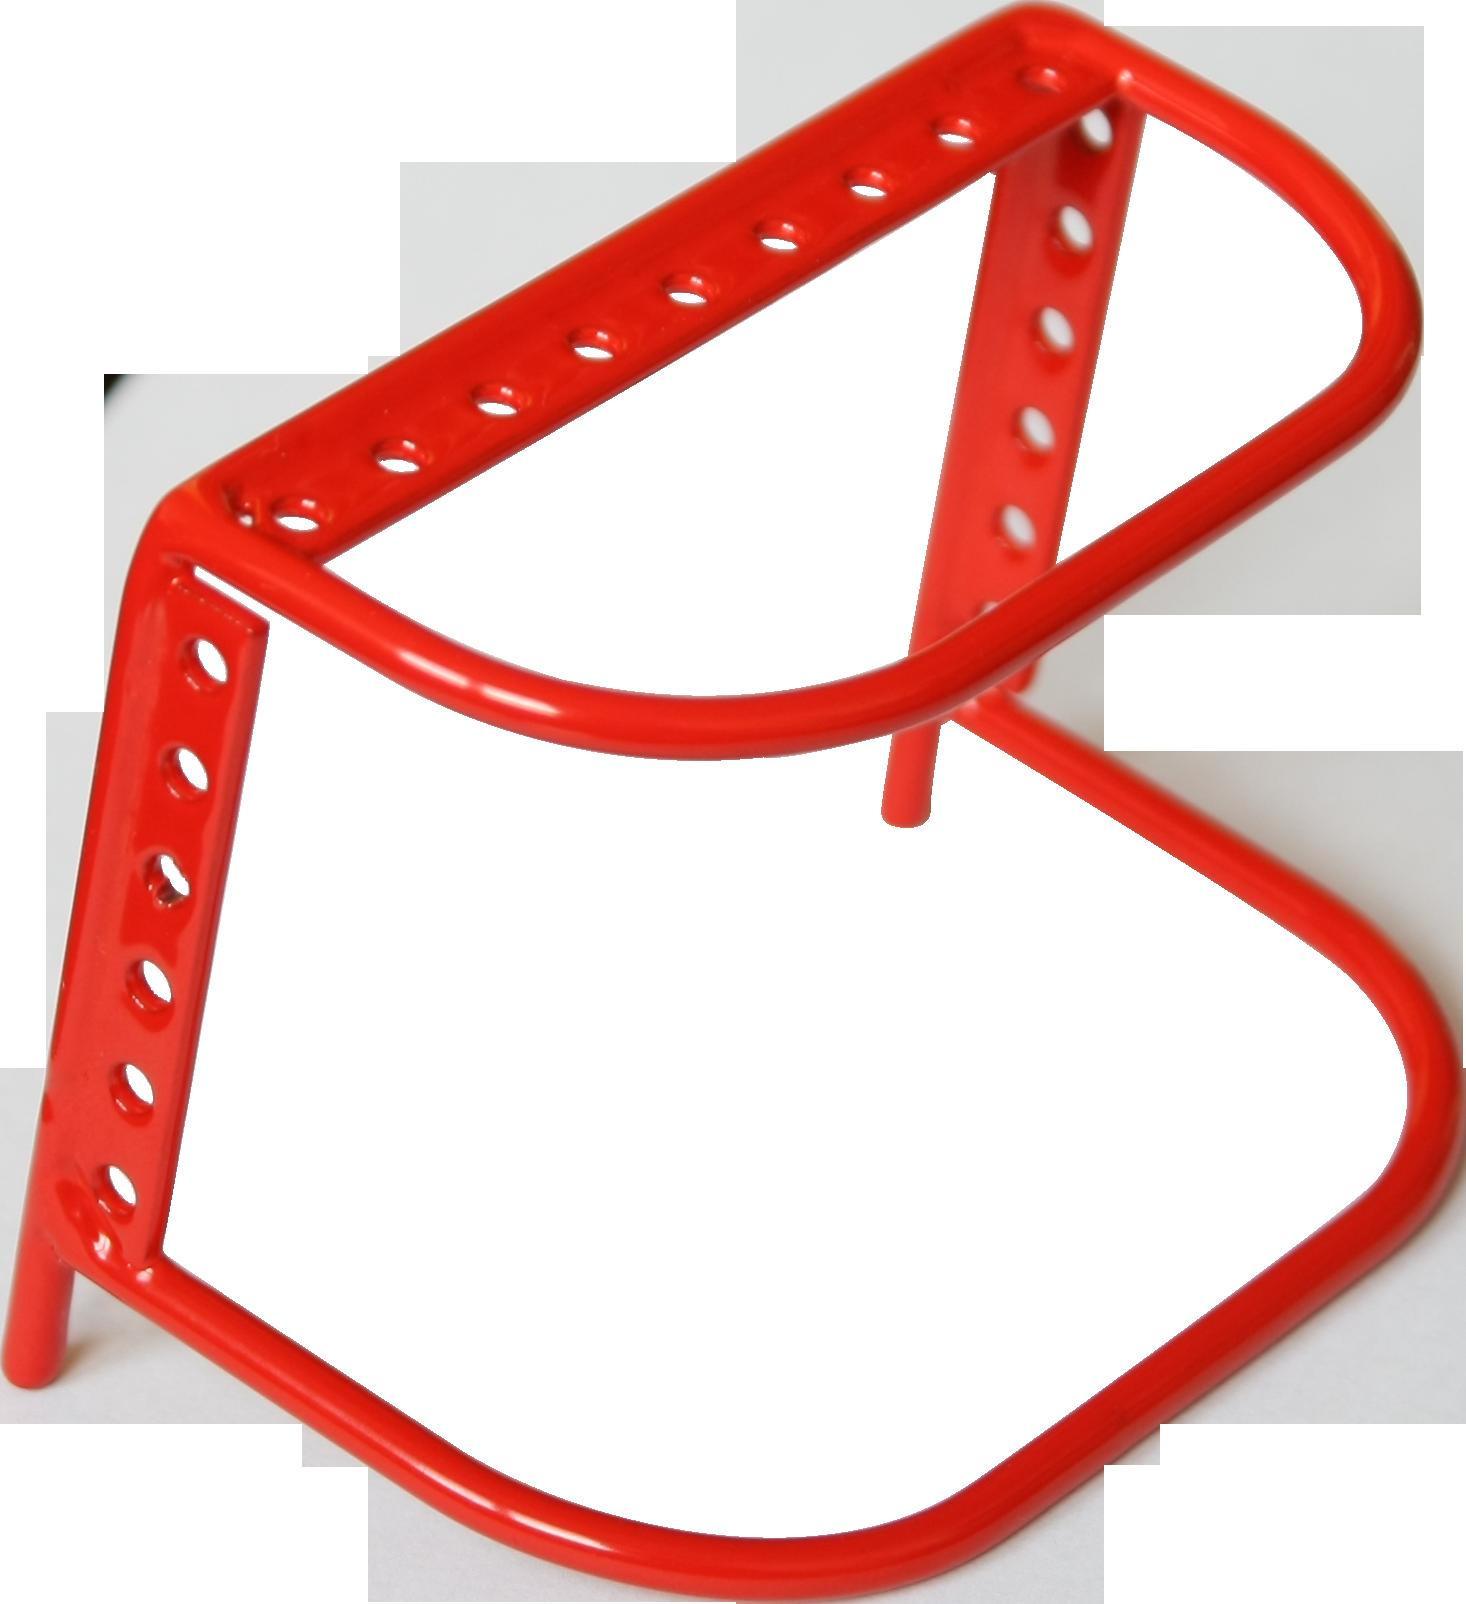 Rám branky pro stolní hokej (šprtec)